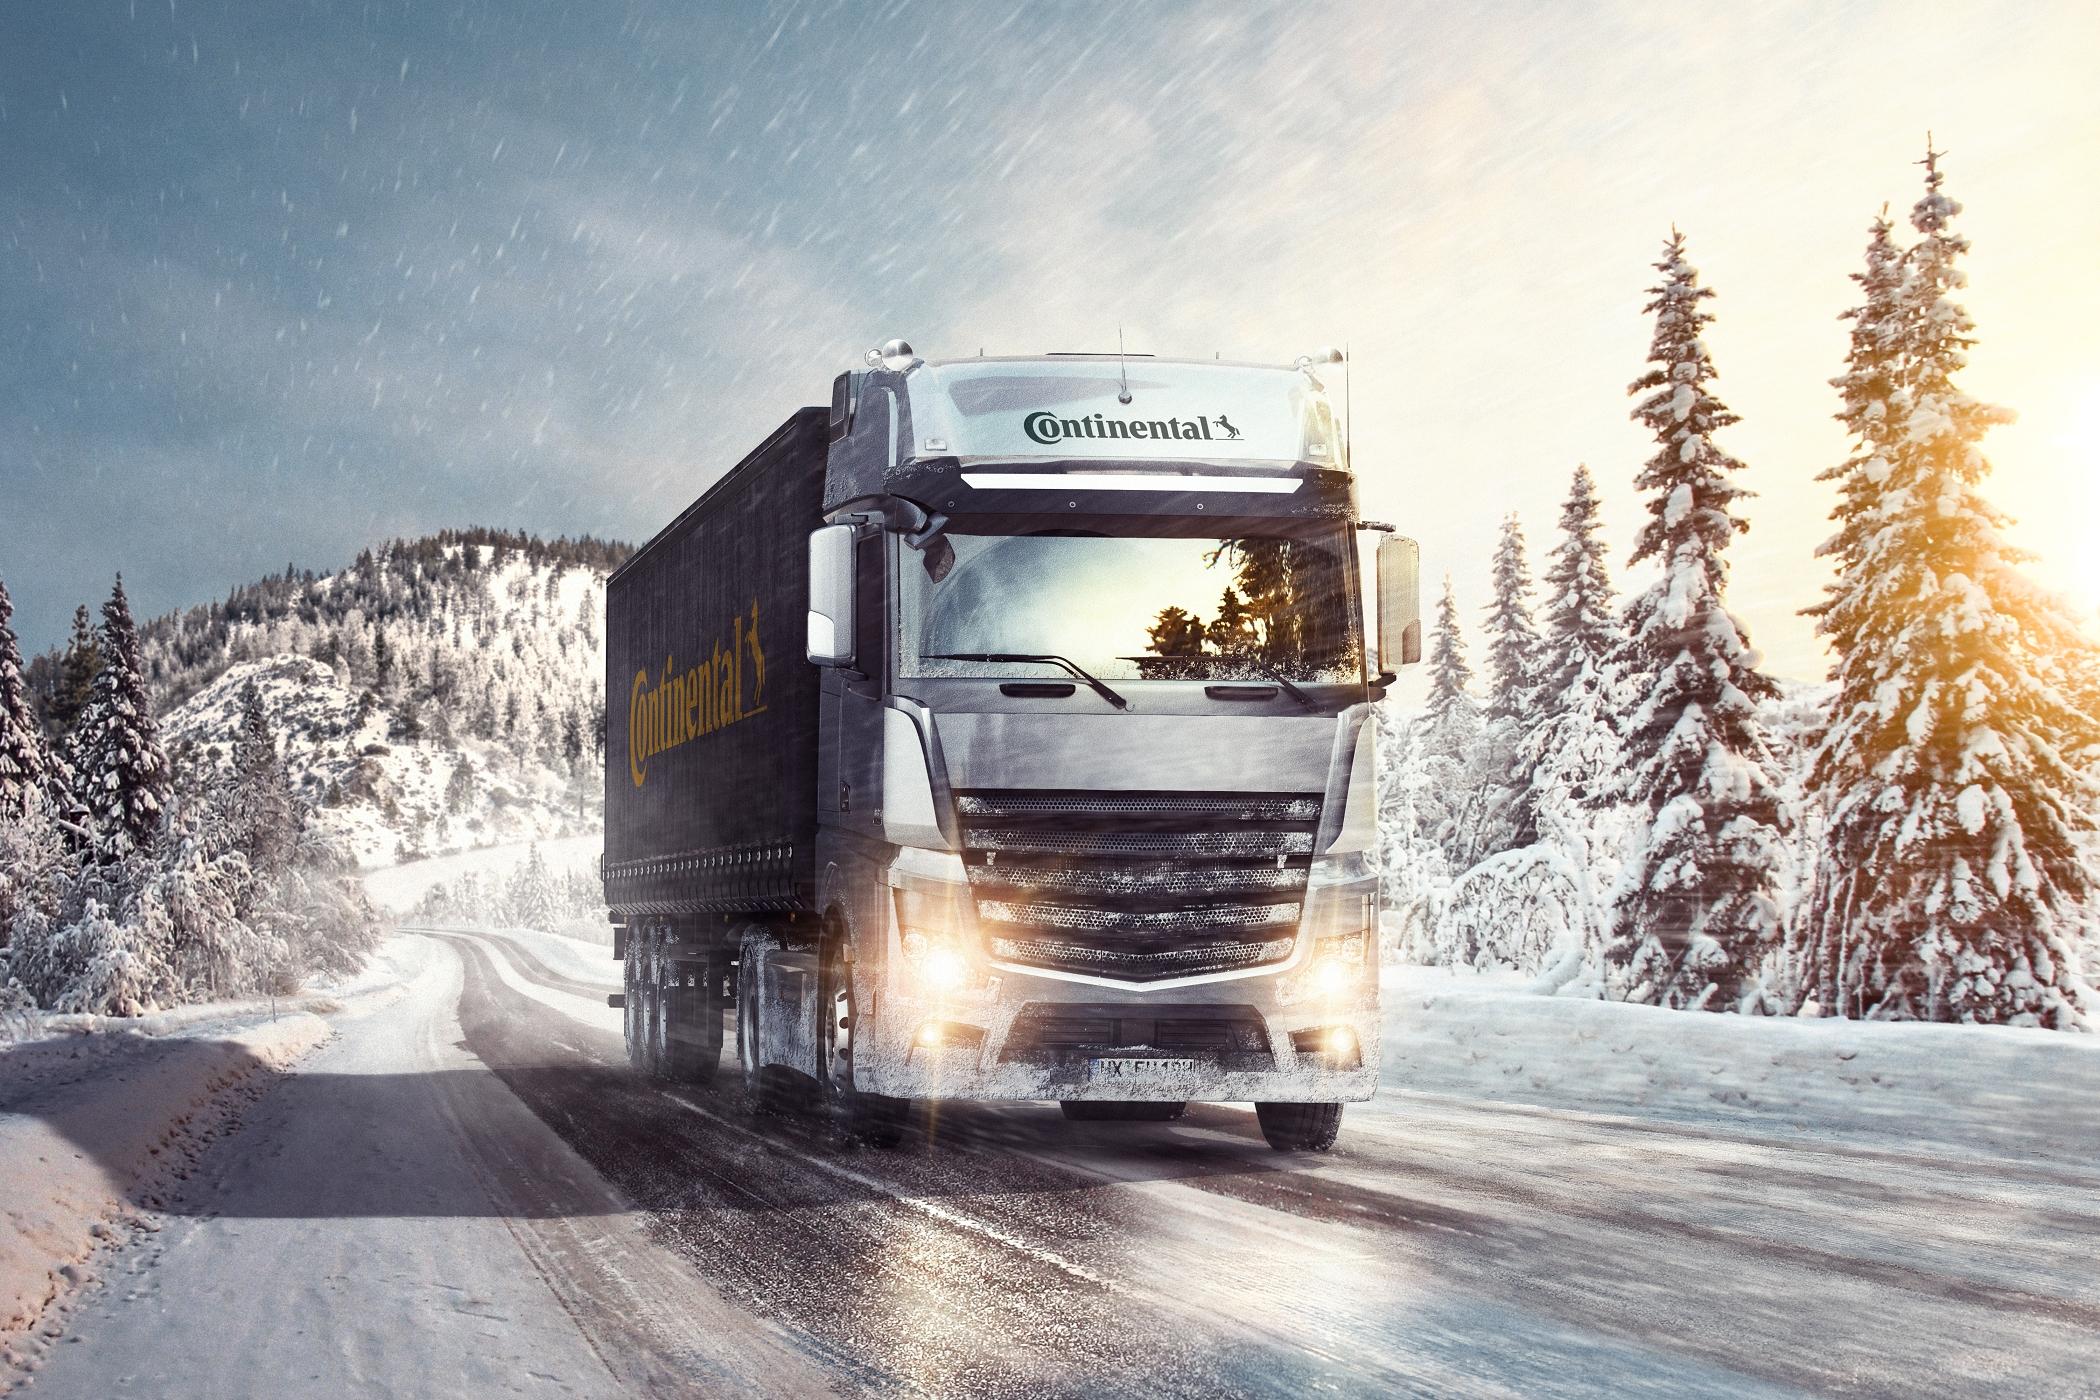 Третє покоління вантажних шин сімейства Conti Scandinavia від Continental